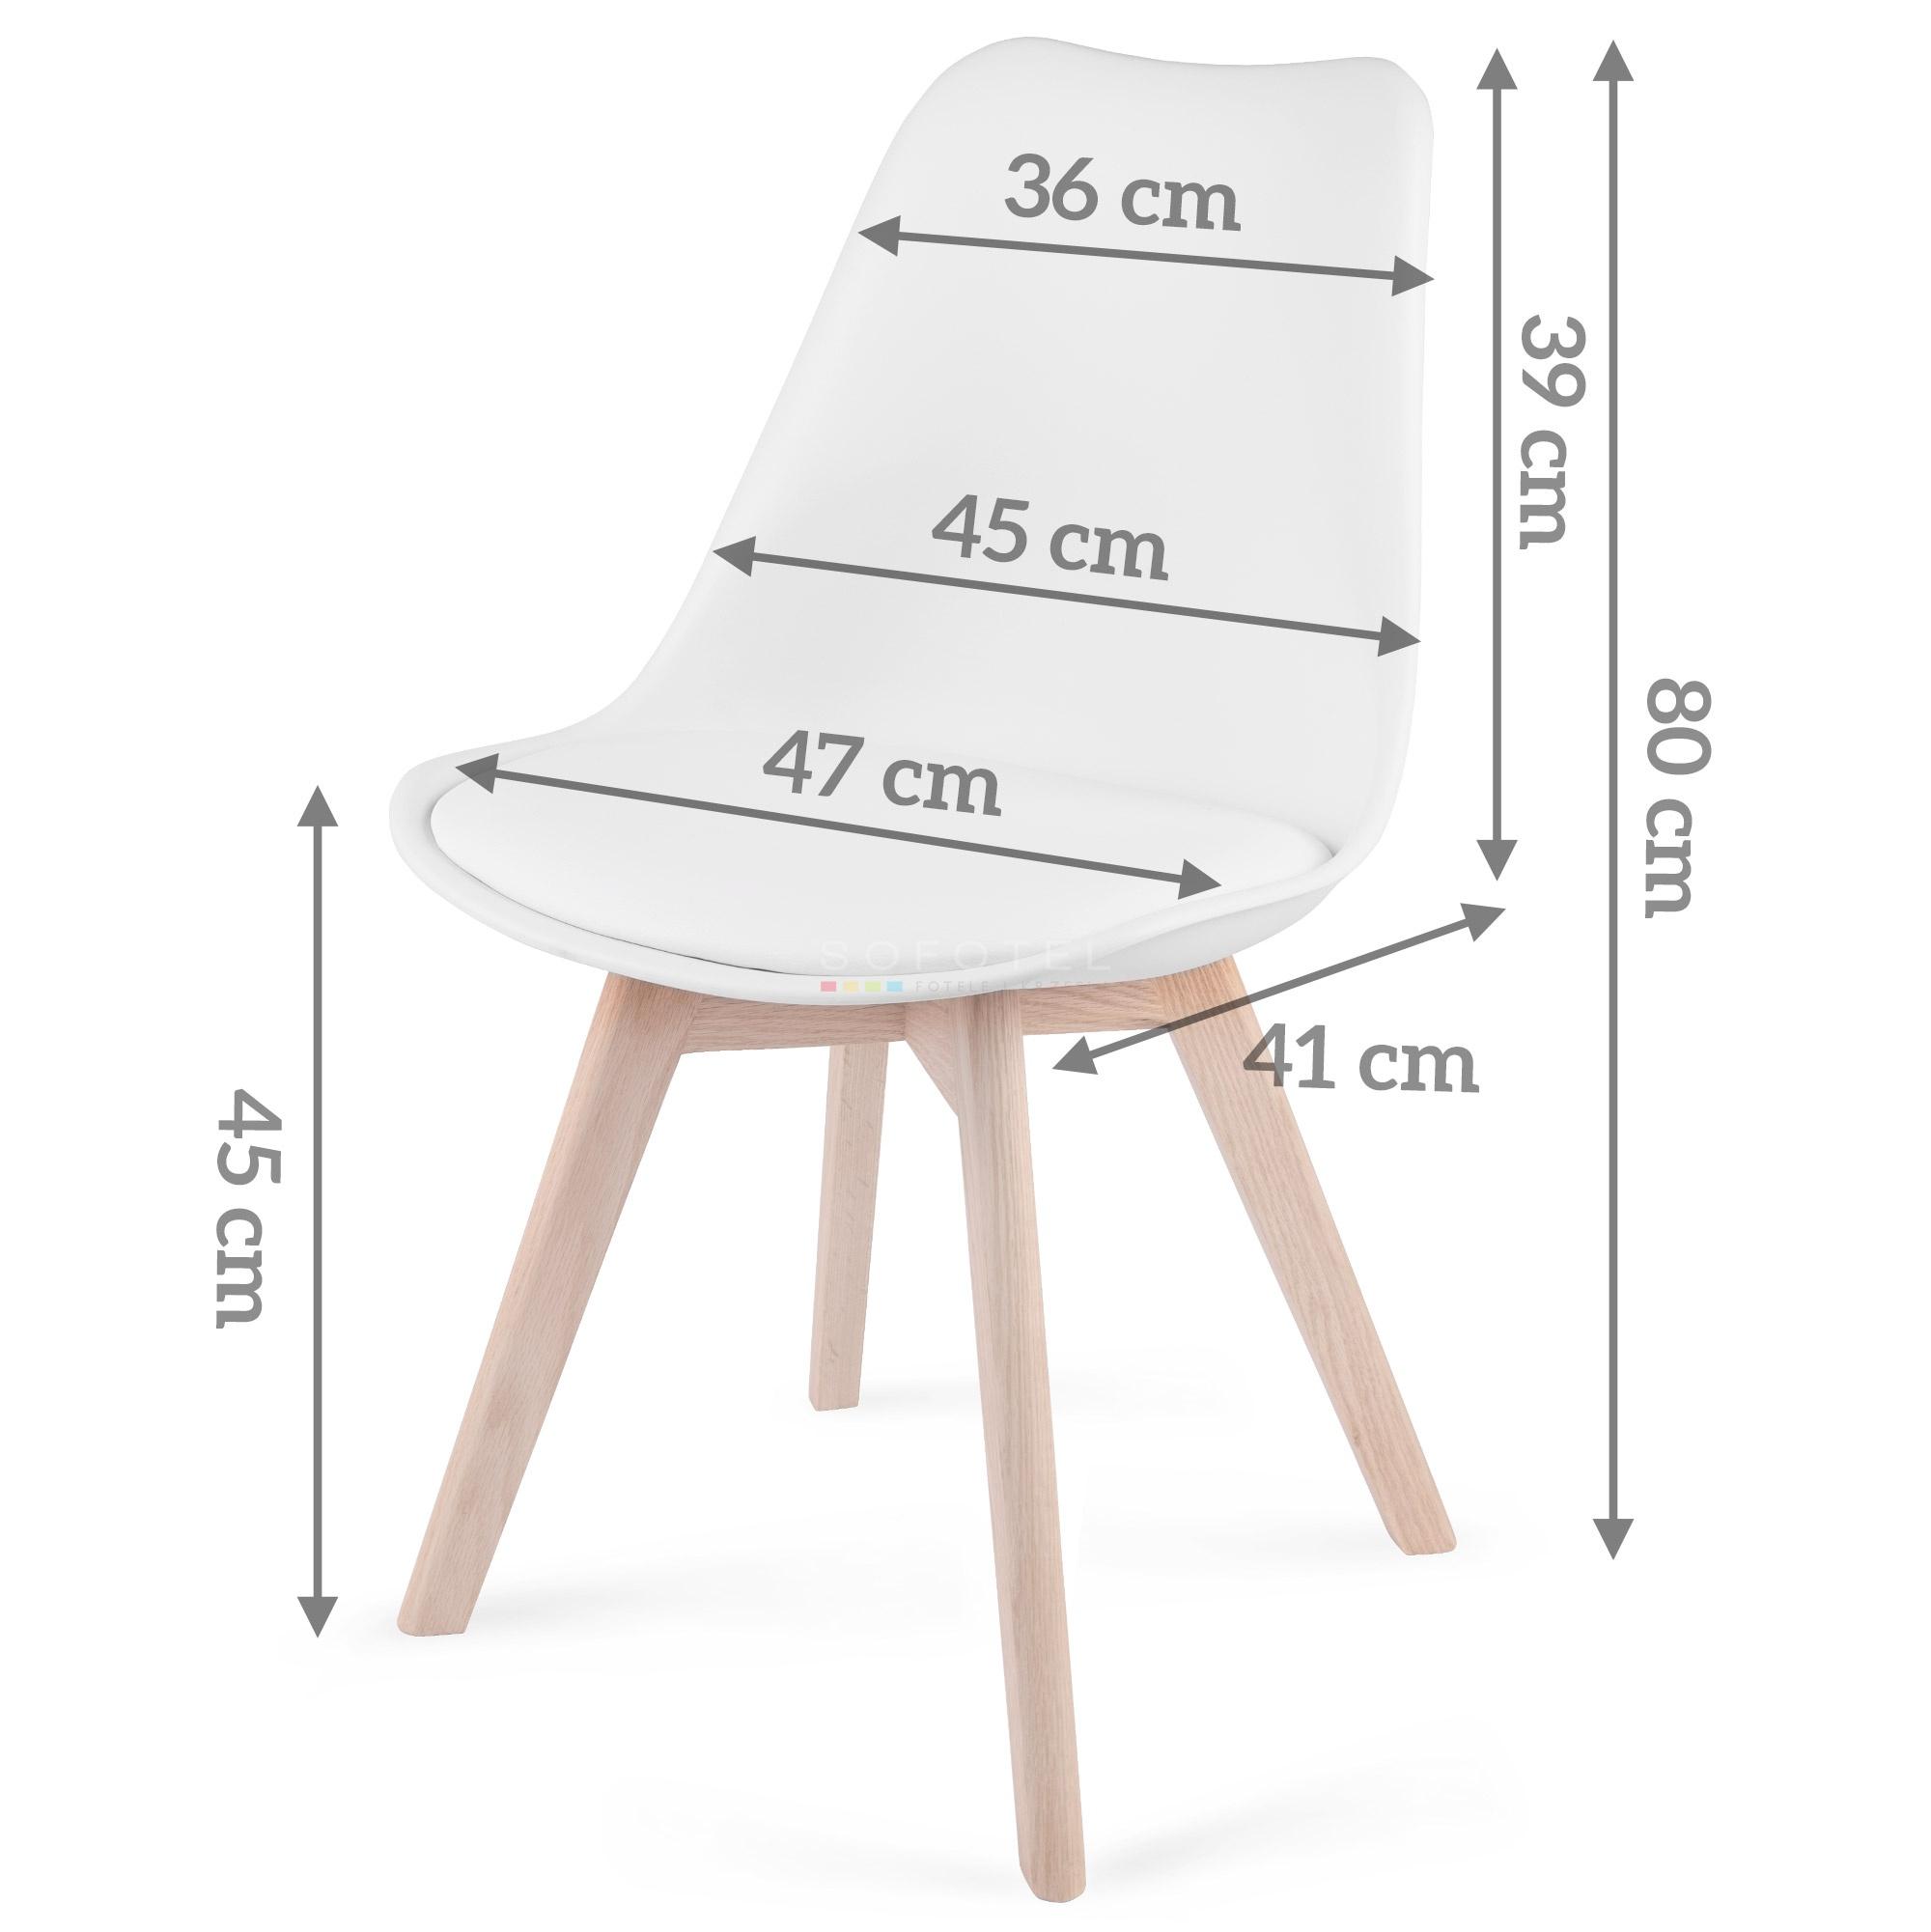 Krzesło nowoczesne skandynawskie Sofotel Ponti białe